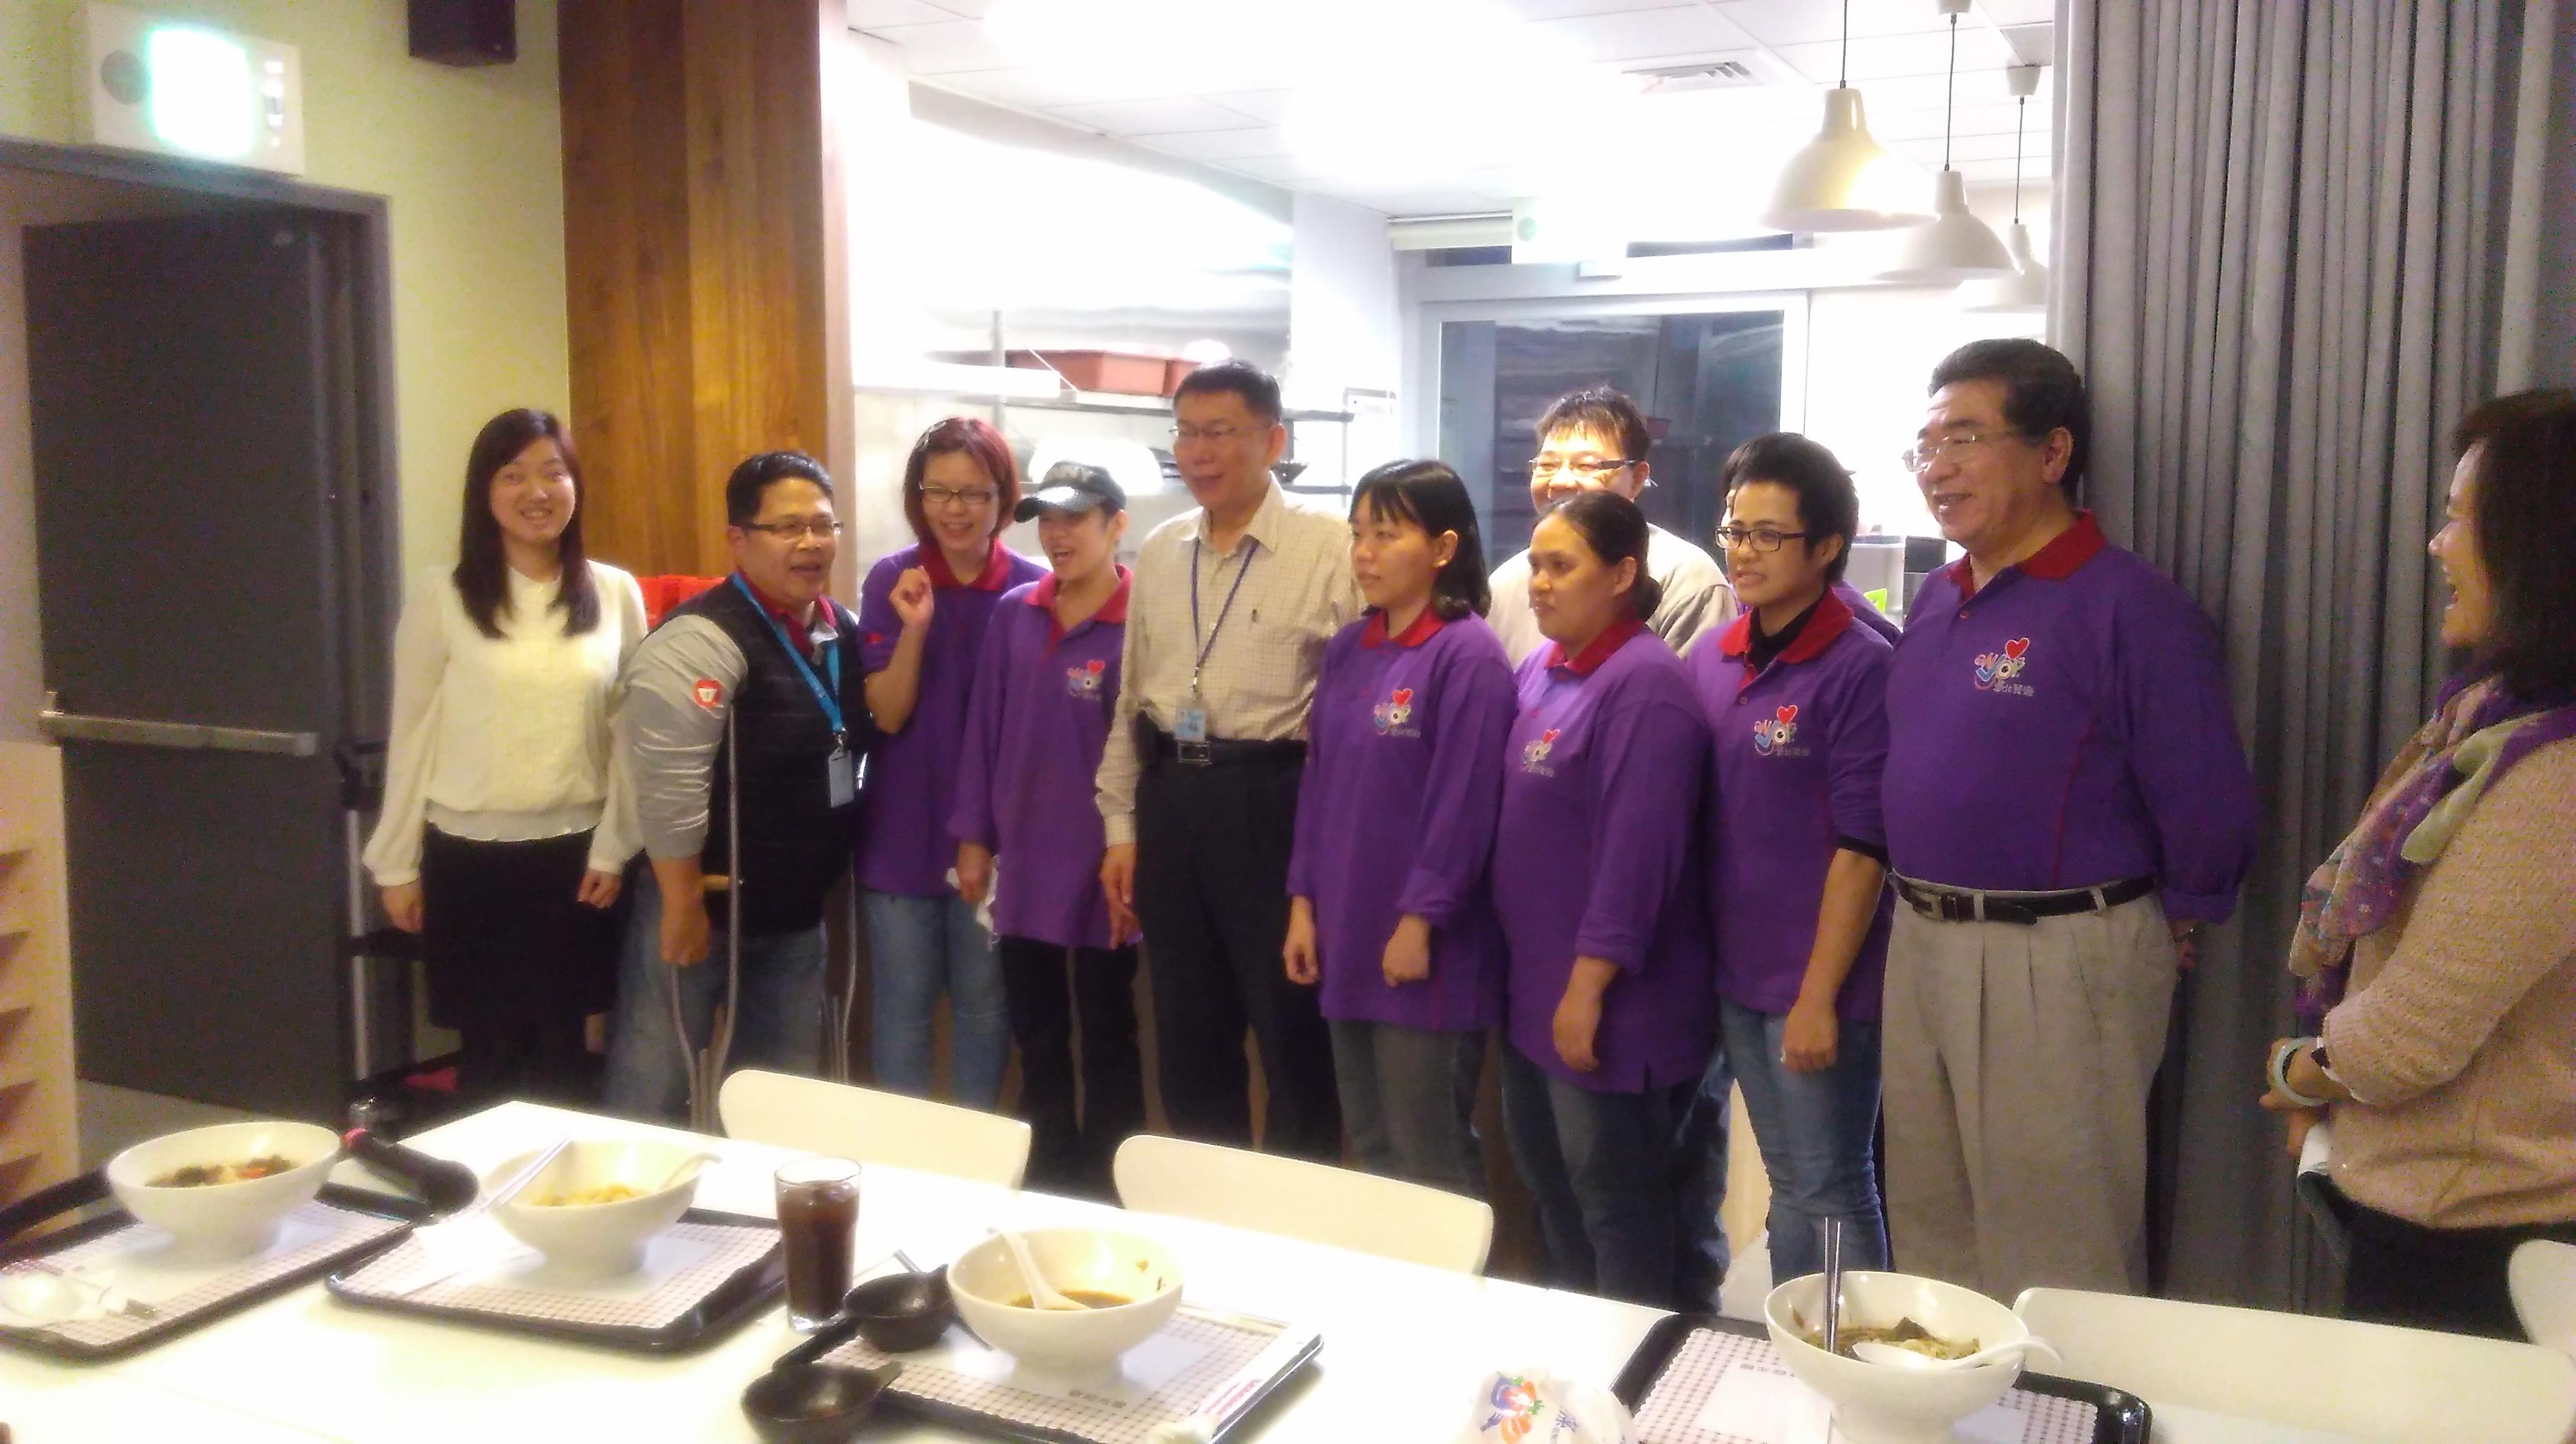 台北市長 - 柯文哲市長來訪